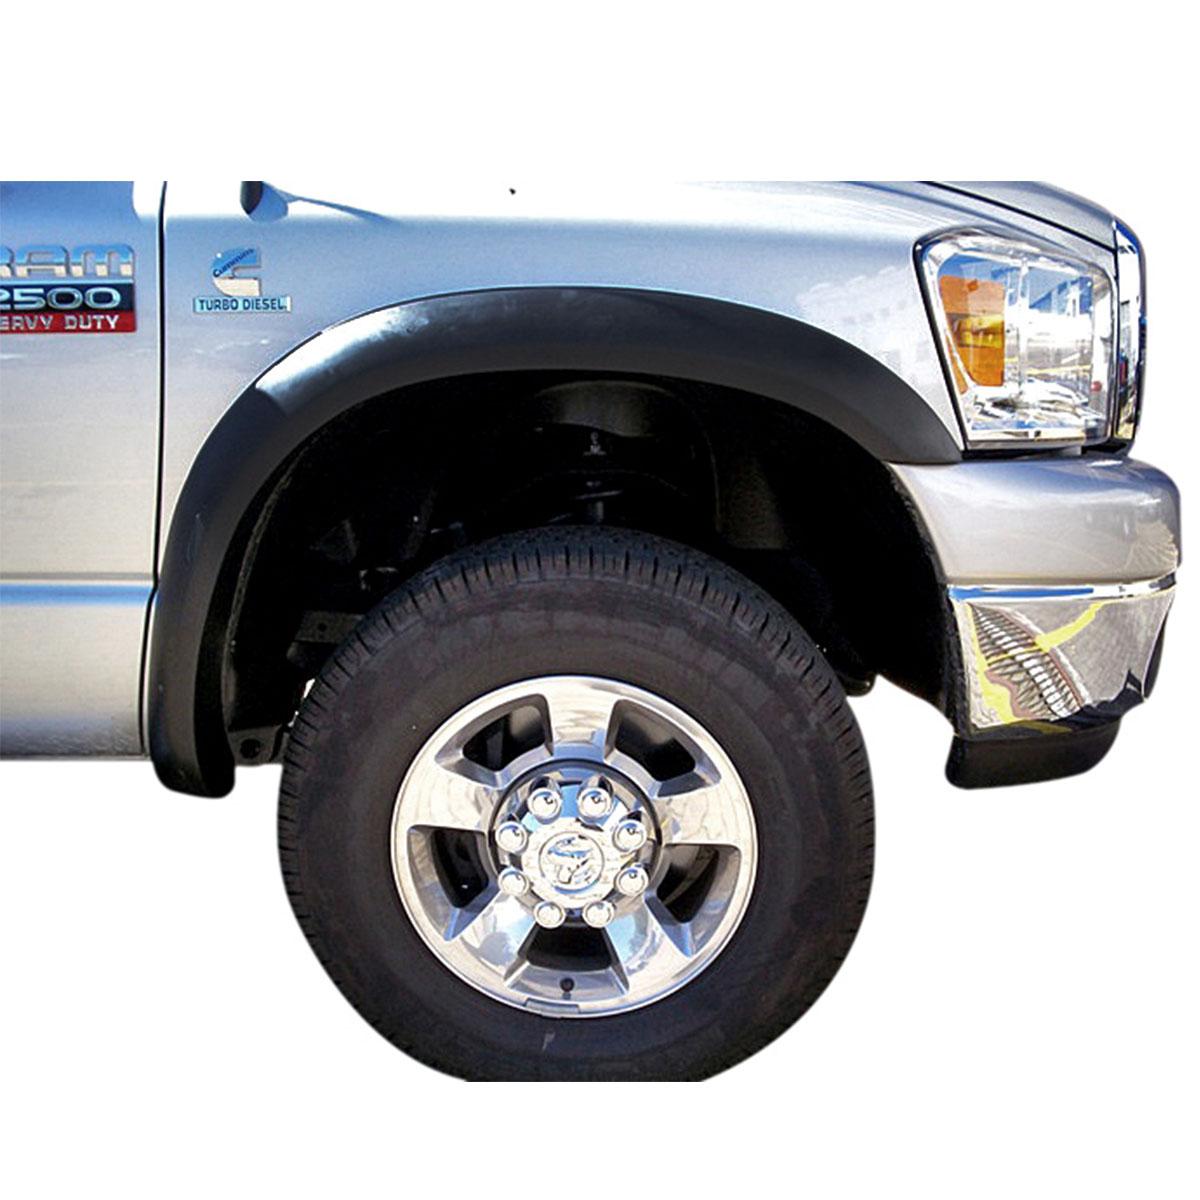 Alargador de paralama Dodge Ram 2005 a 2011 ou Laramie 2012